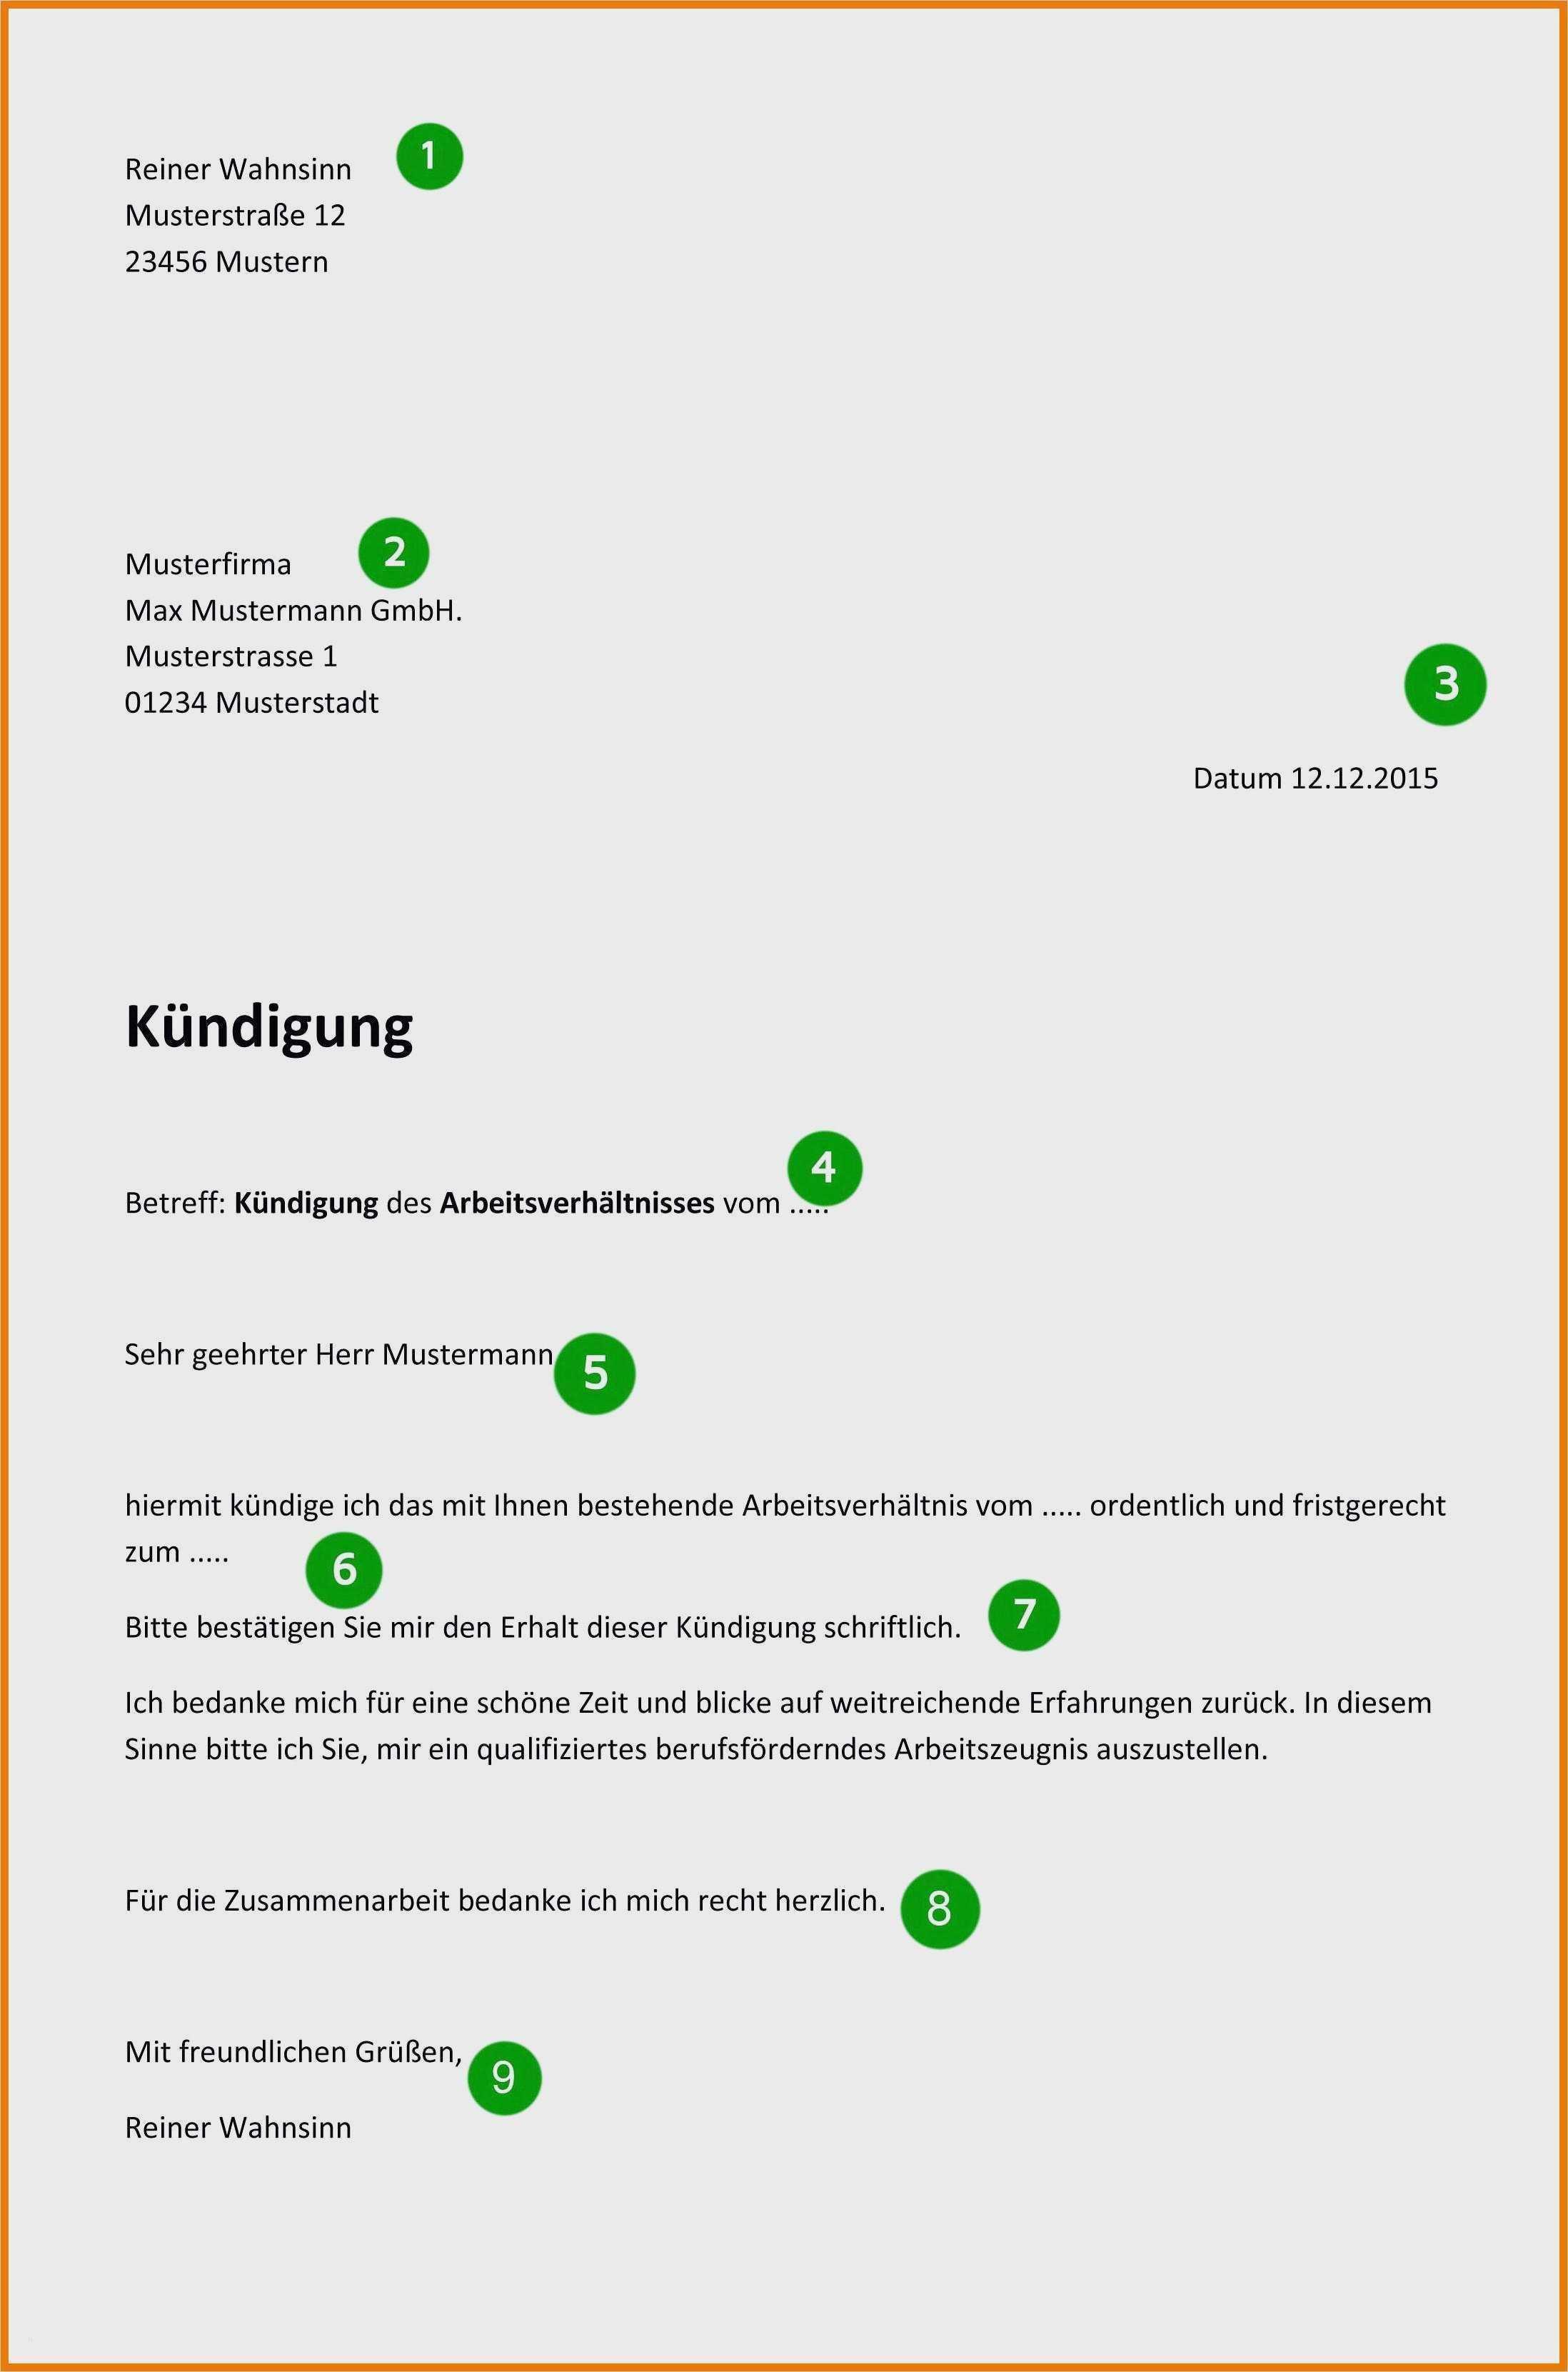 25 Hubsch Vorlage Anderung Bankverbindung Arbeitgeber Ebendiese Konnen Einstellen Fur Ihre Wi Vorlagen Briefkopf Vorlage Flugblatt Design